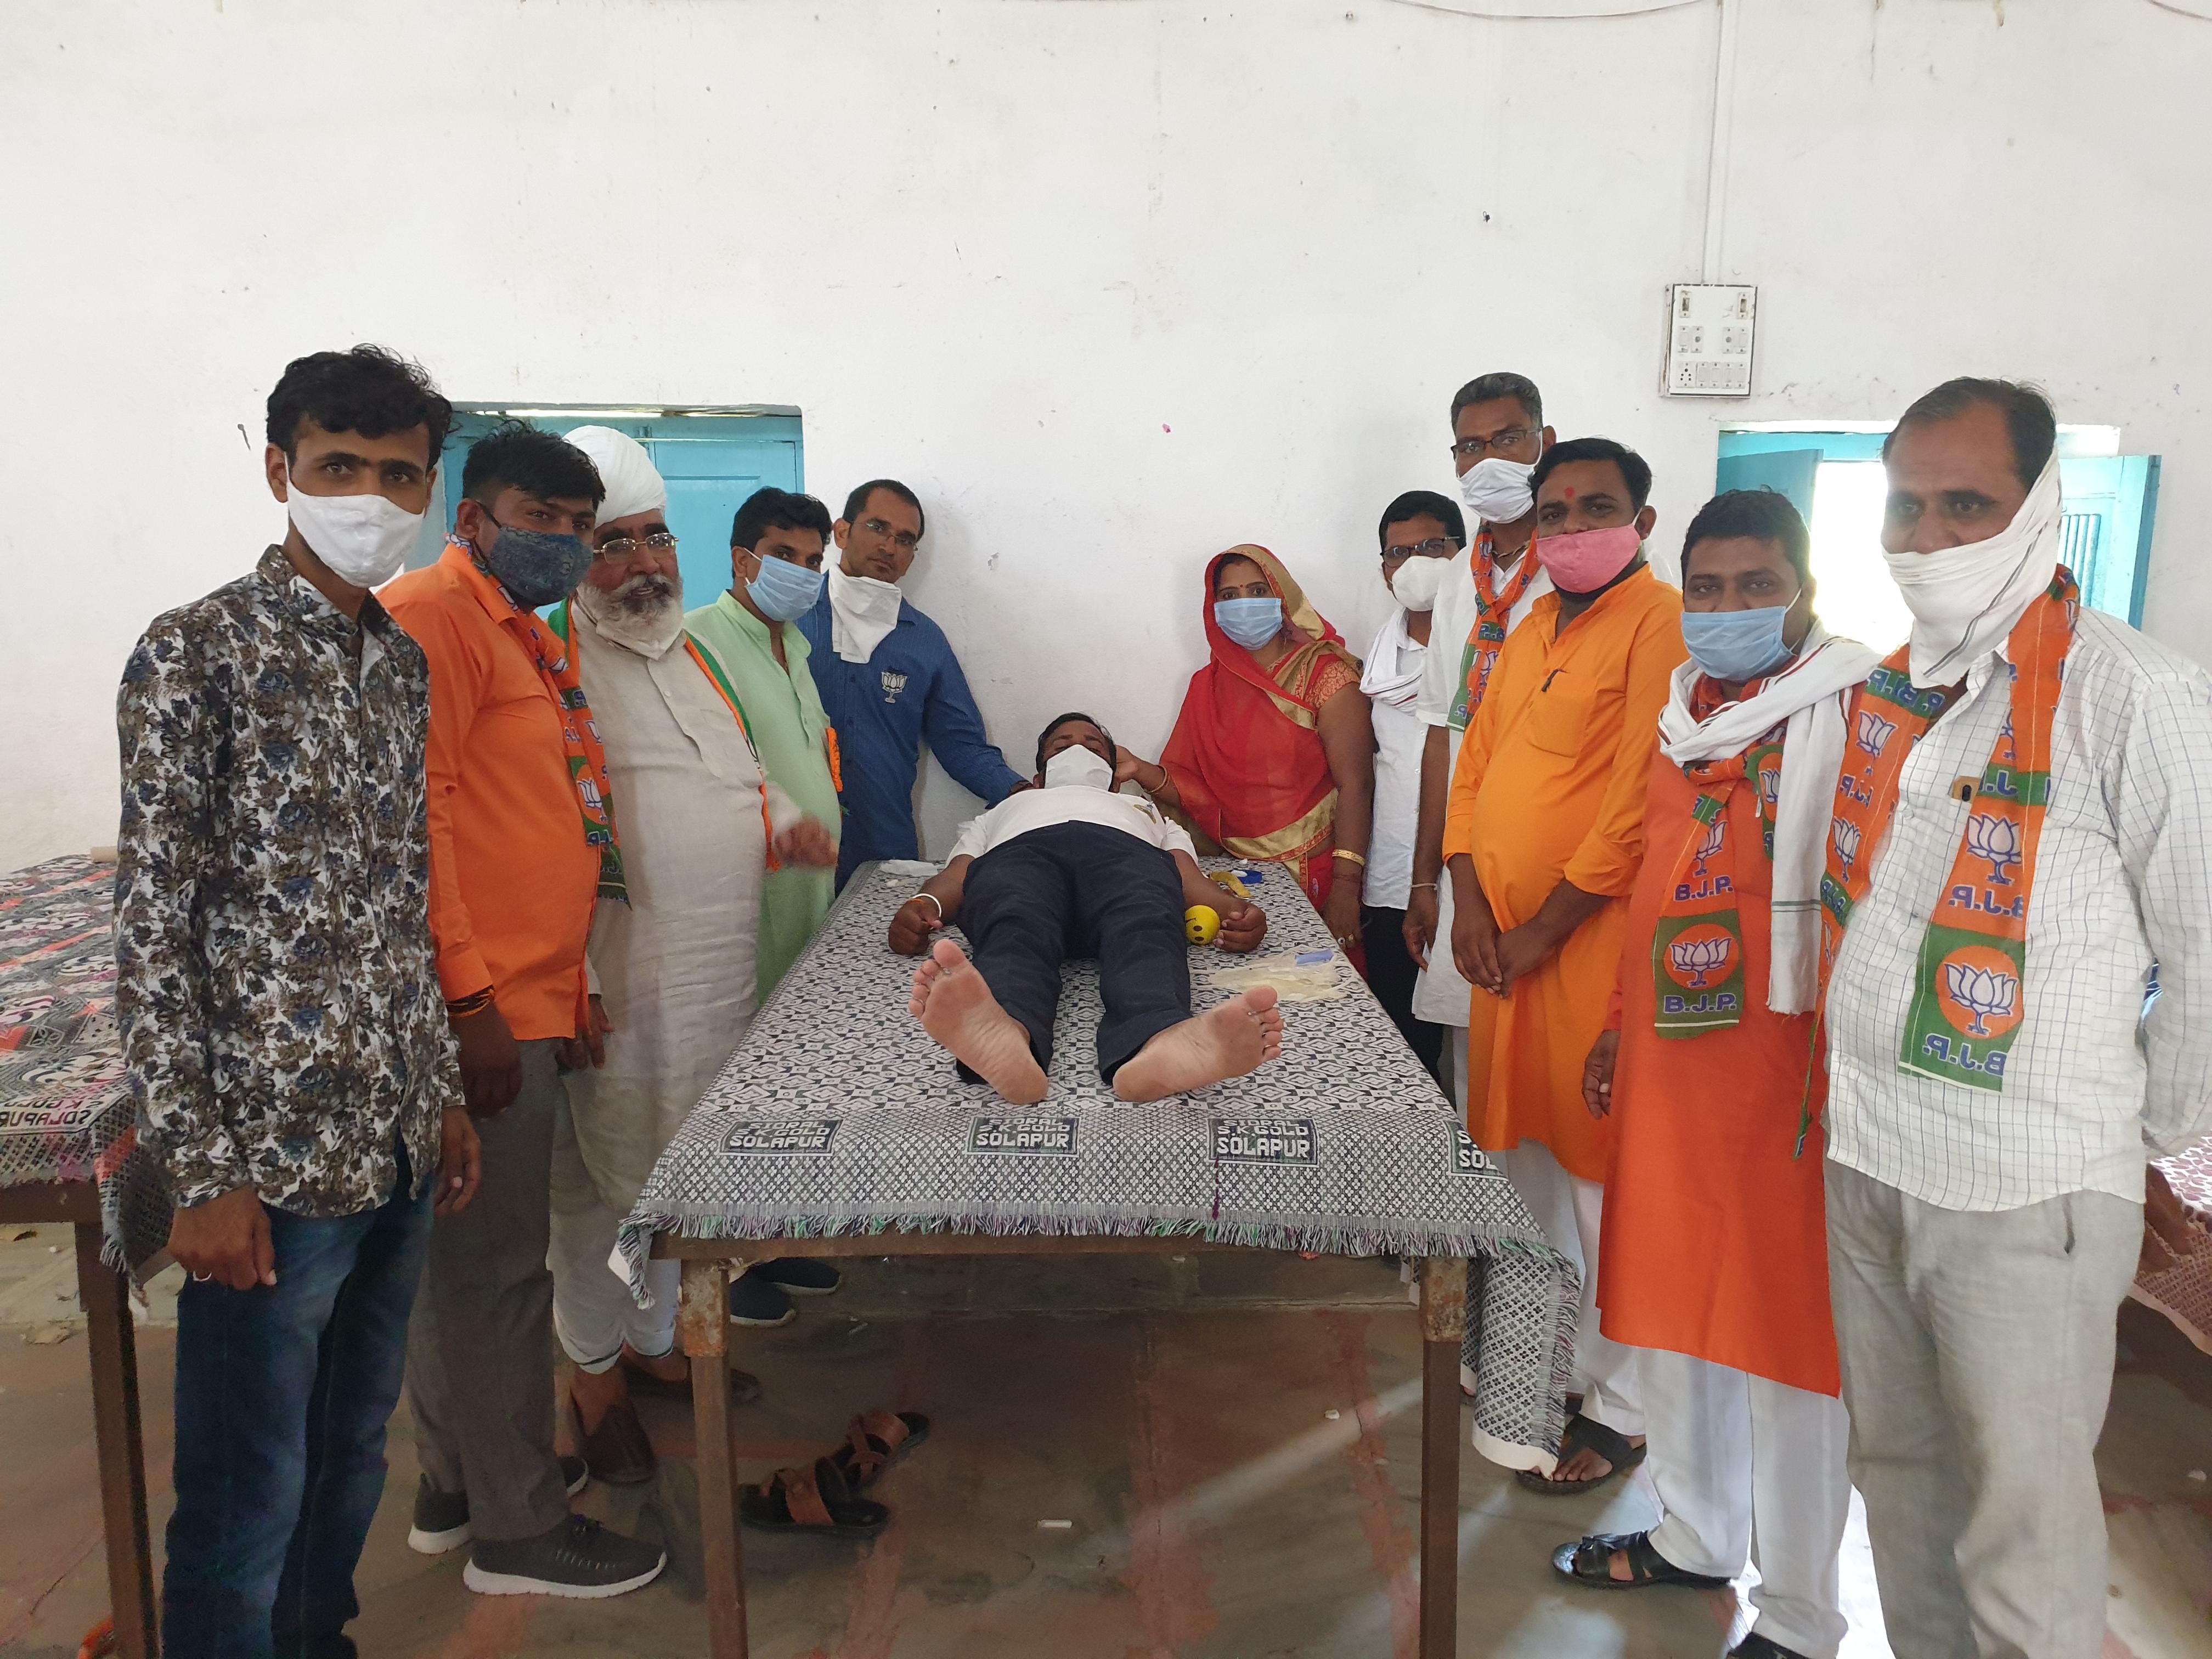 भाजपा के करेड़ा, ज्ञानगढ़  बागोर मंडल में रक्तदान शिविर का आयोजन